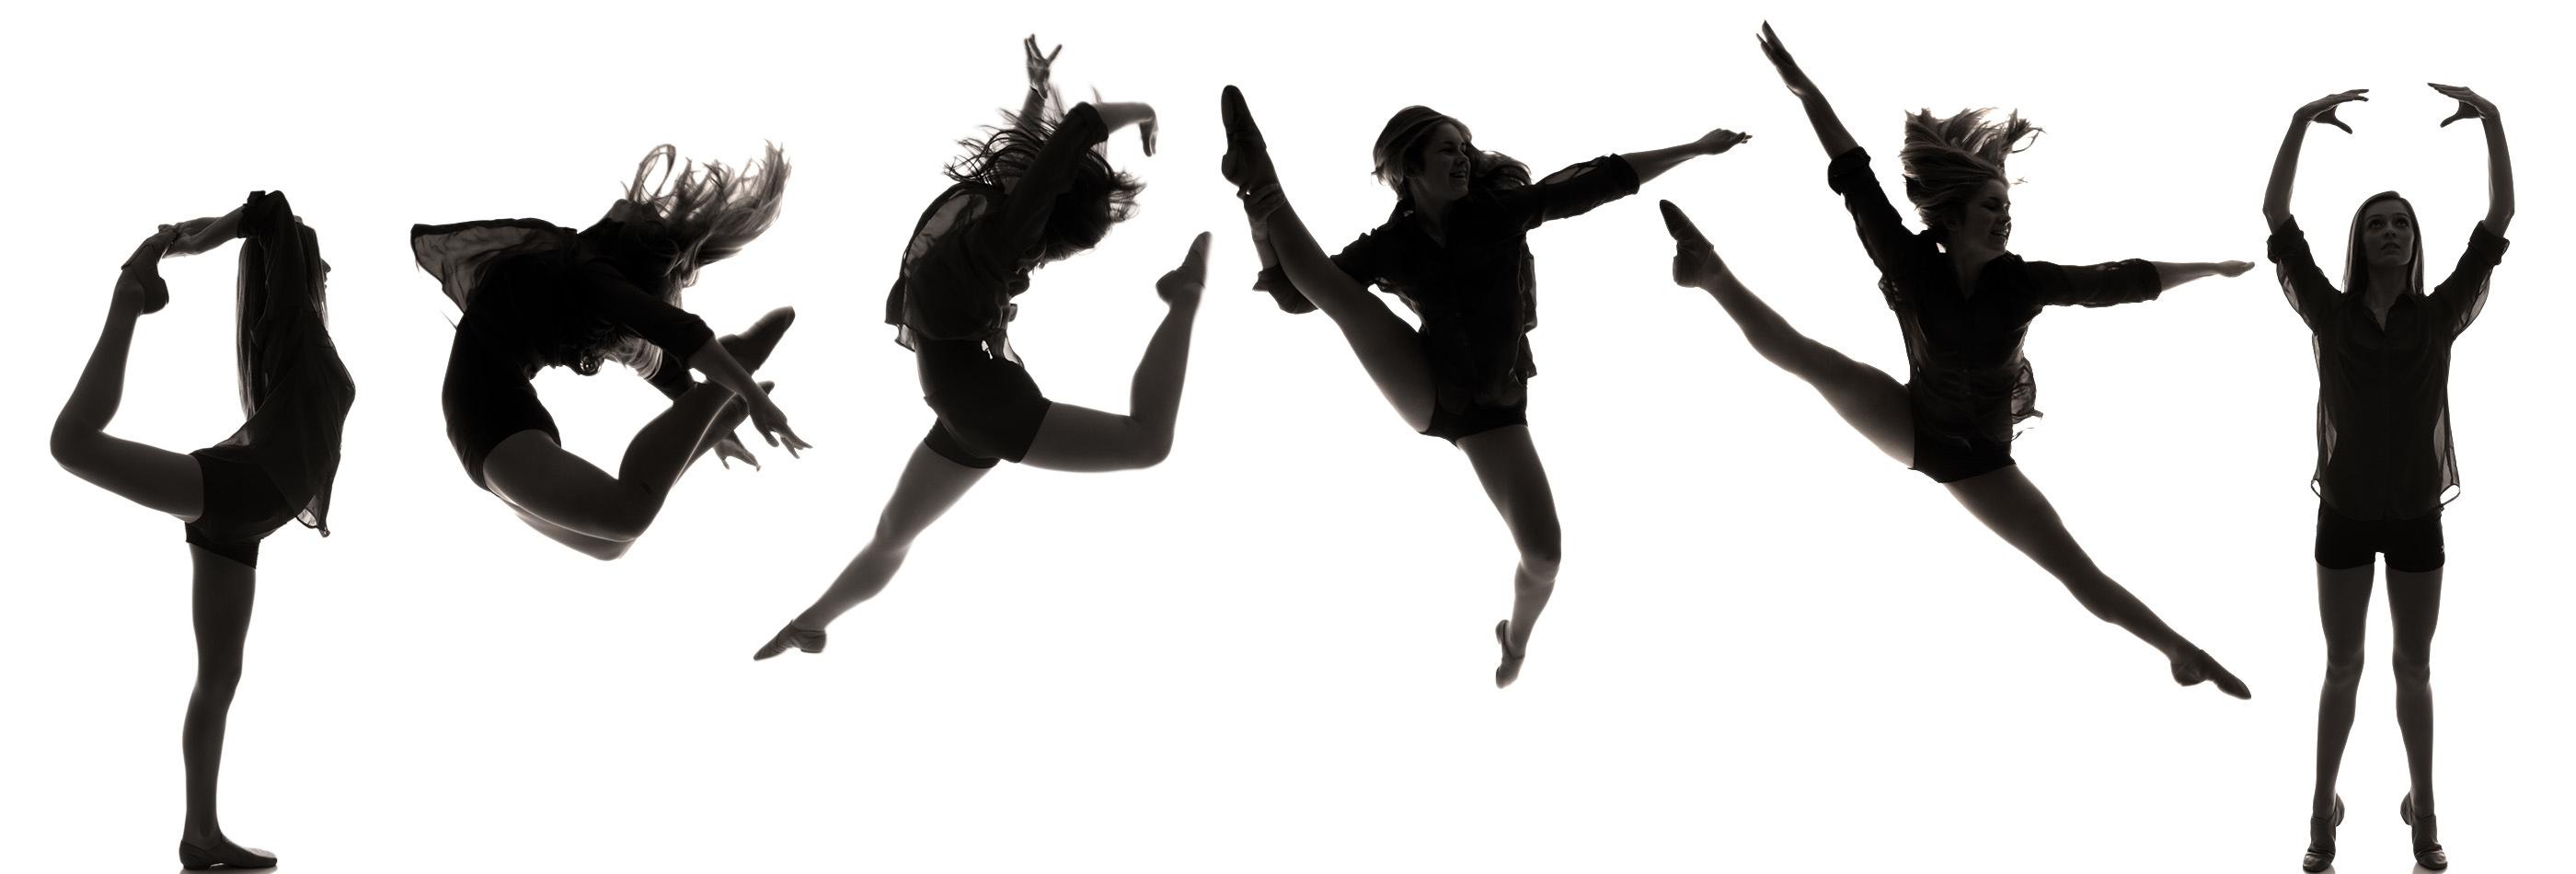 Dance Team Silhouette Clipart